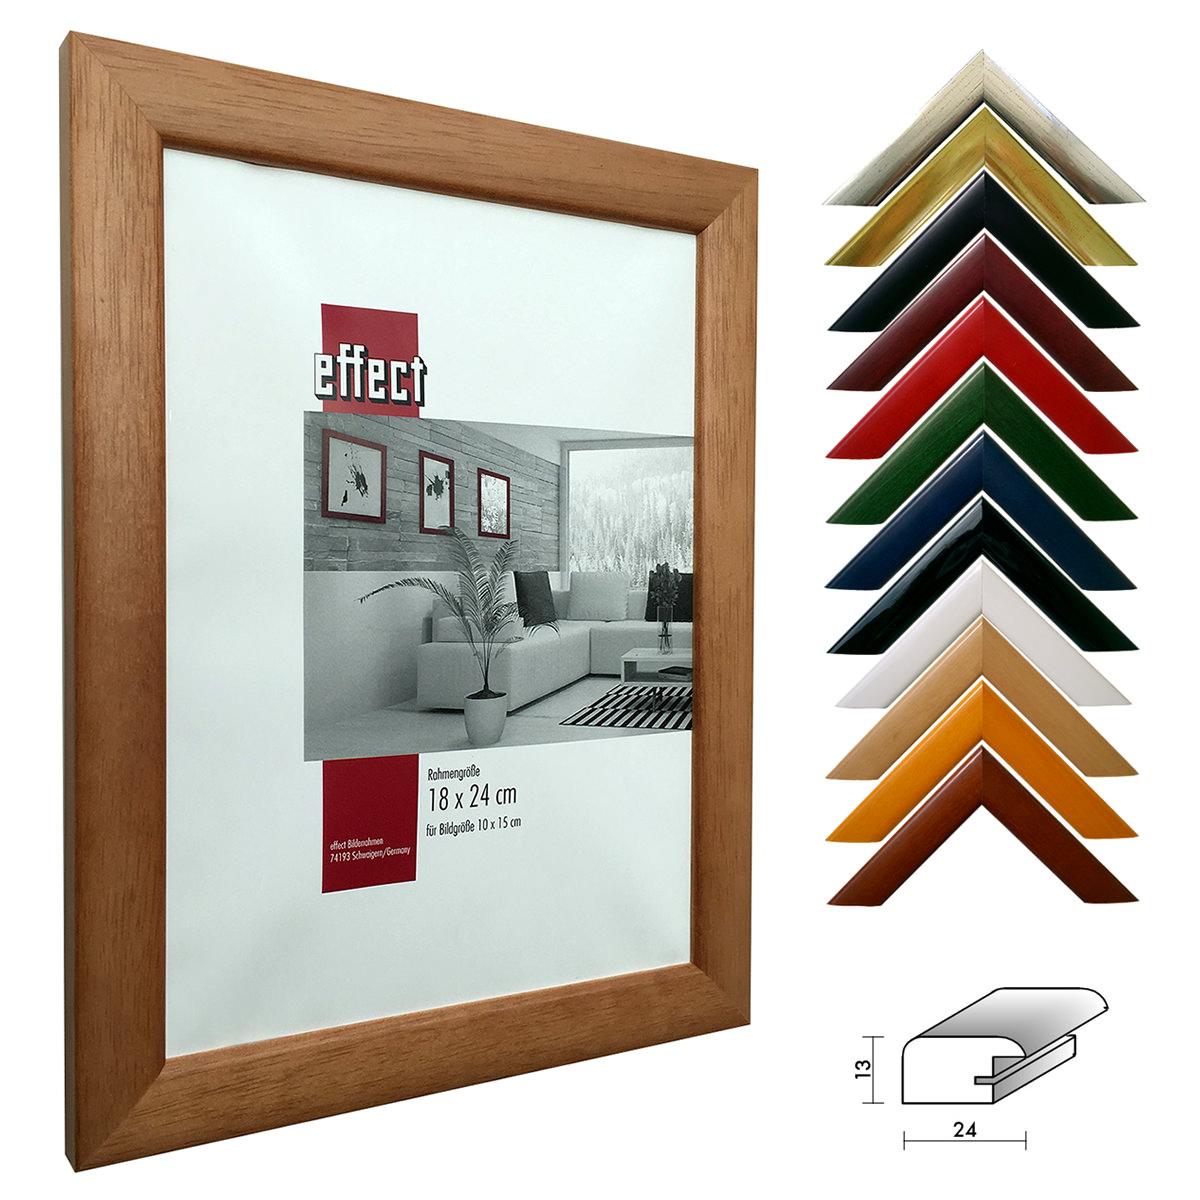 holz bilderrahmen profil 43. Black Bedroom Furniture Sets. Home Design Ideas